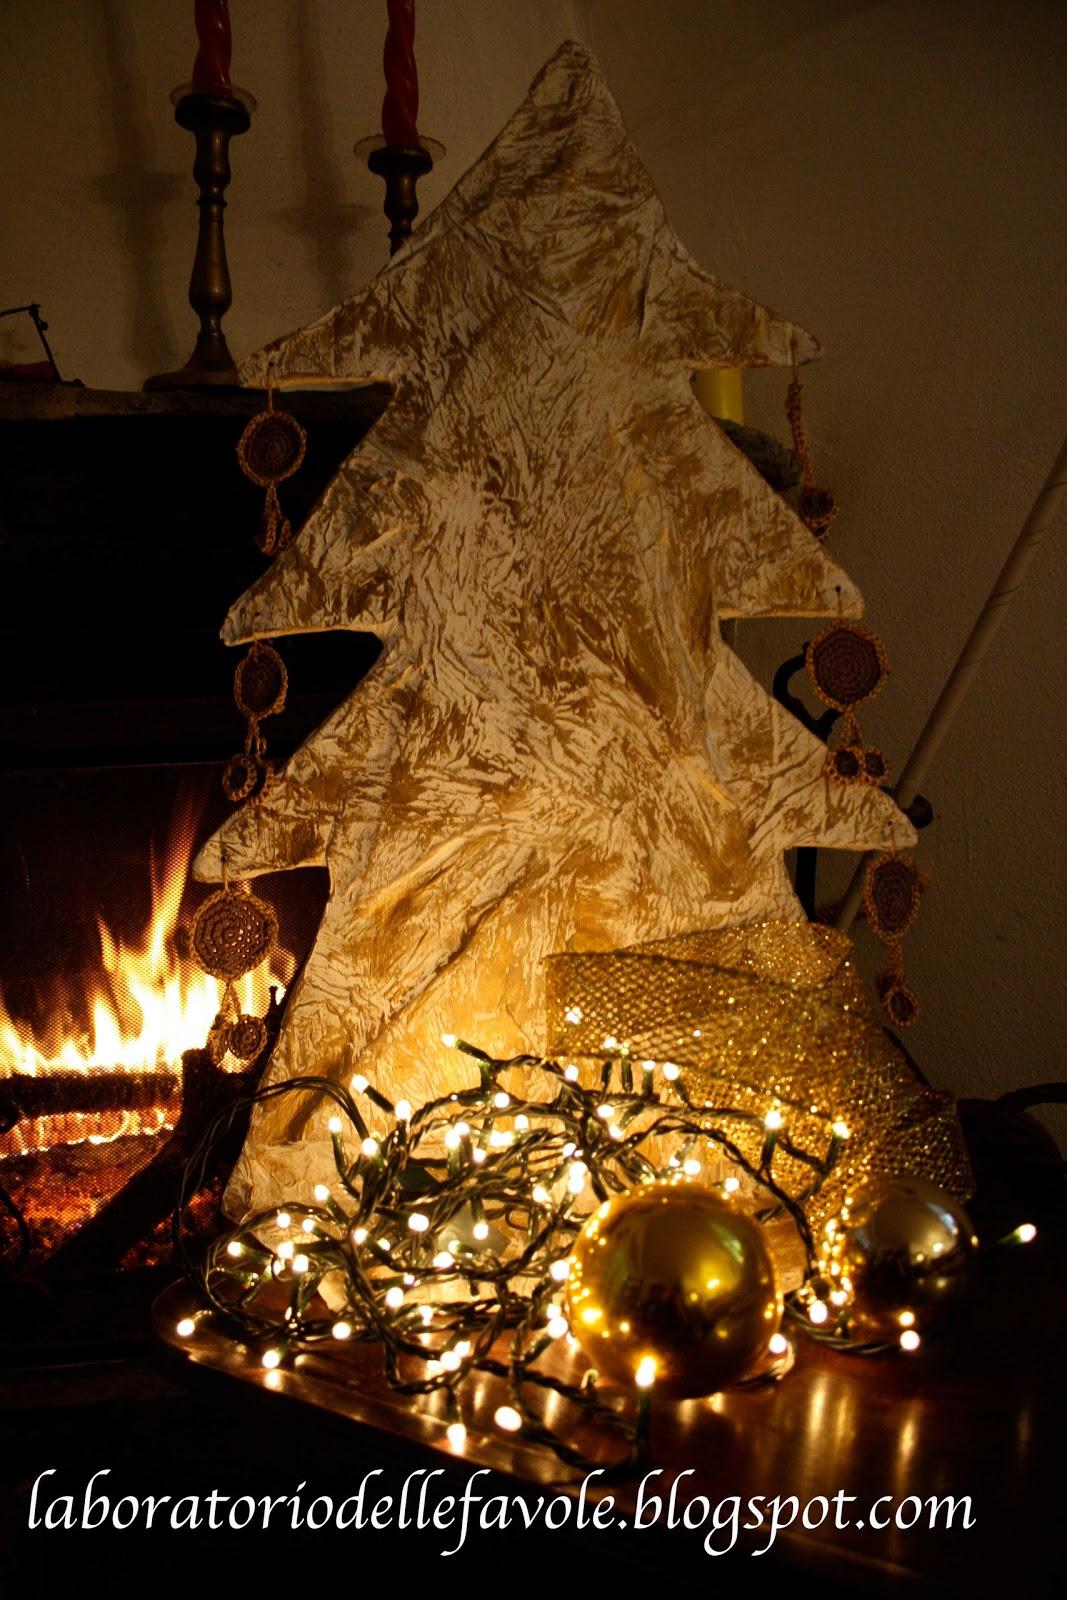 Laboratorio delle favole design and decor merry christmas - Elle decor natale ...